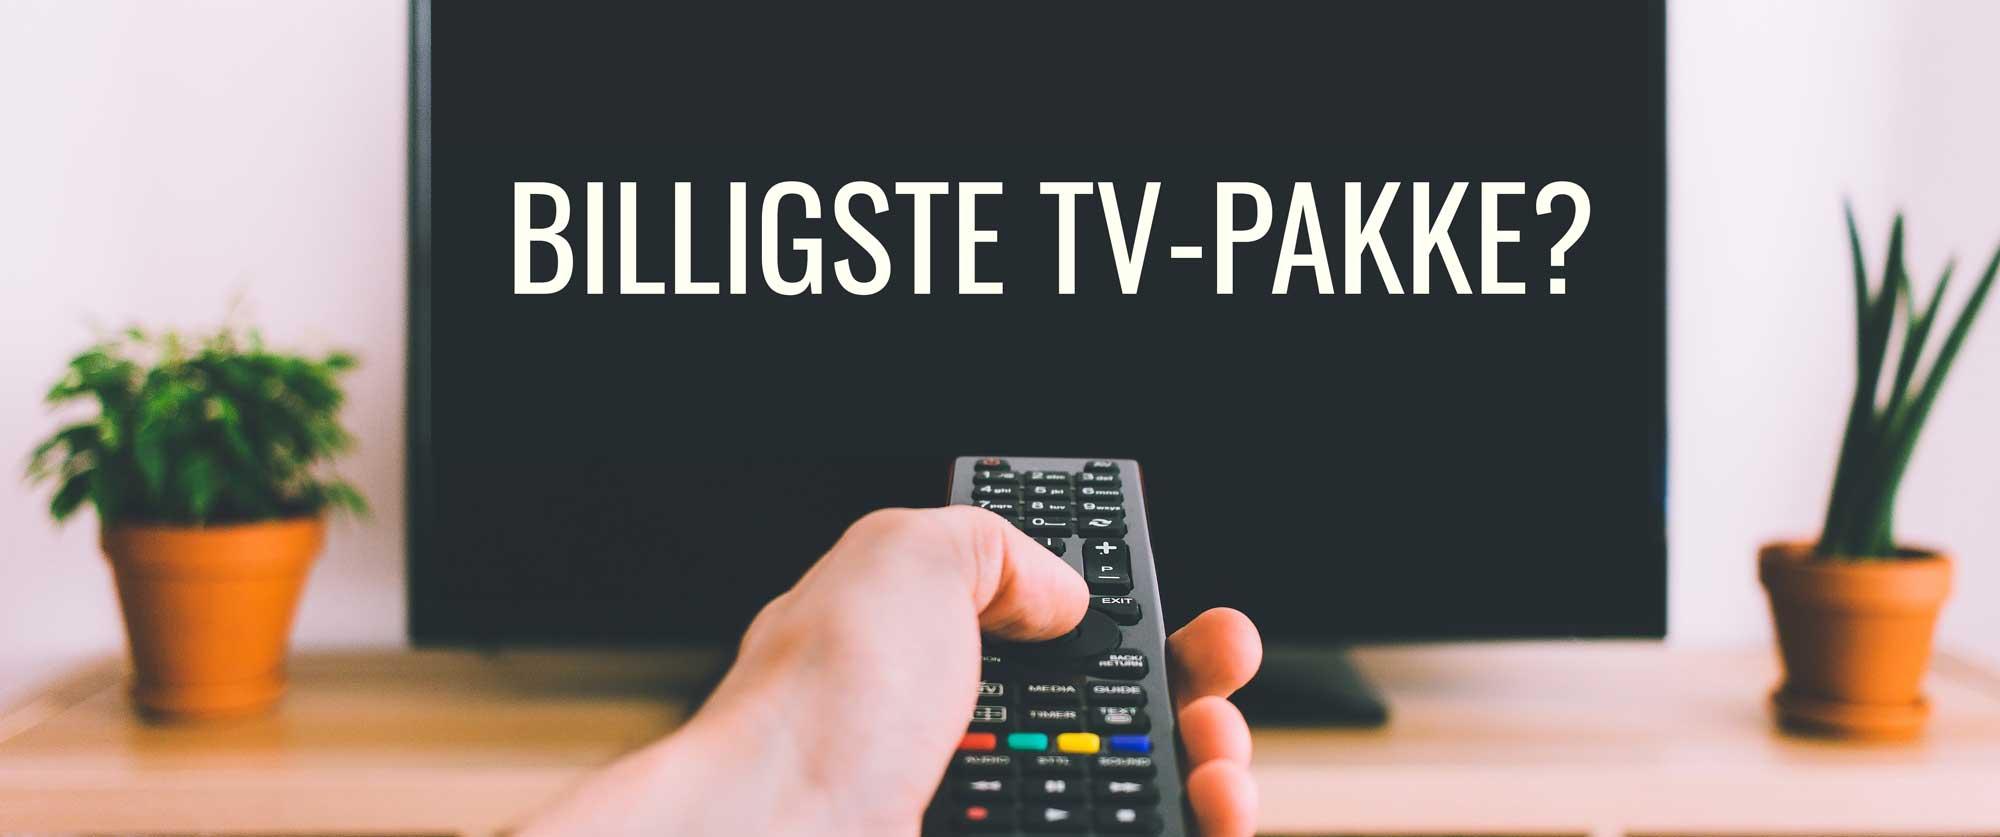 Hvad er den billigste TV-pakke?